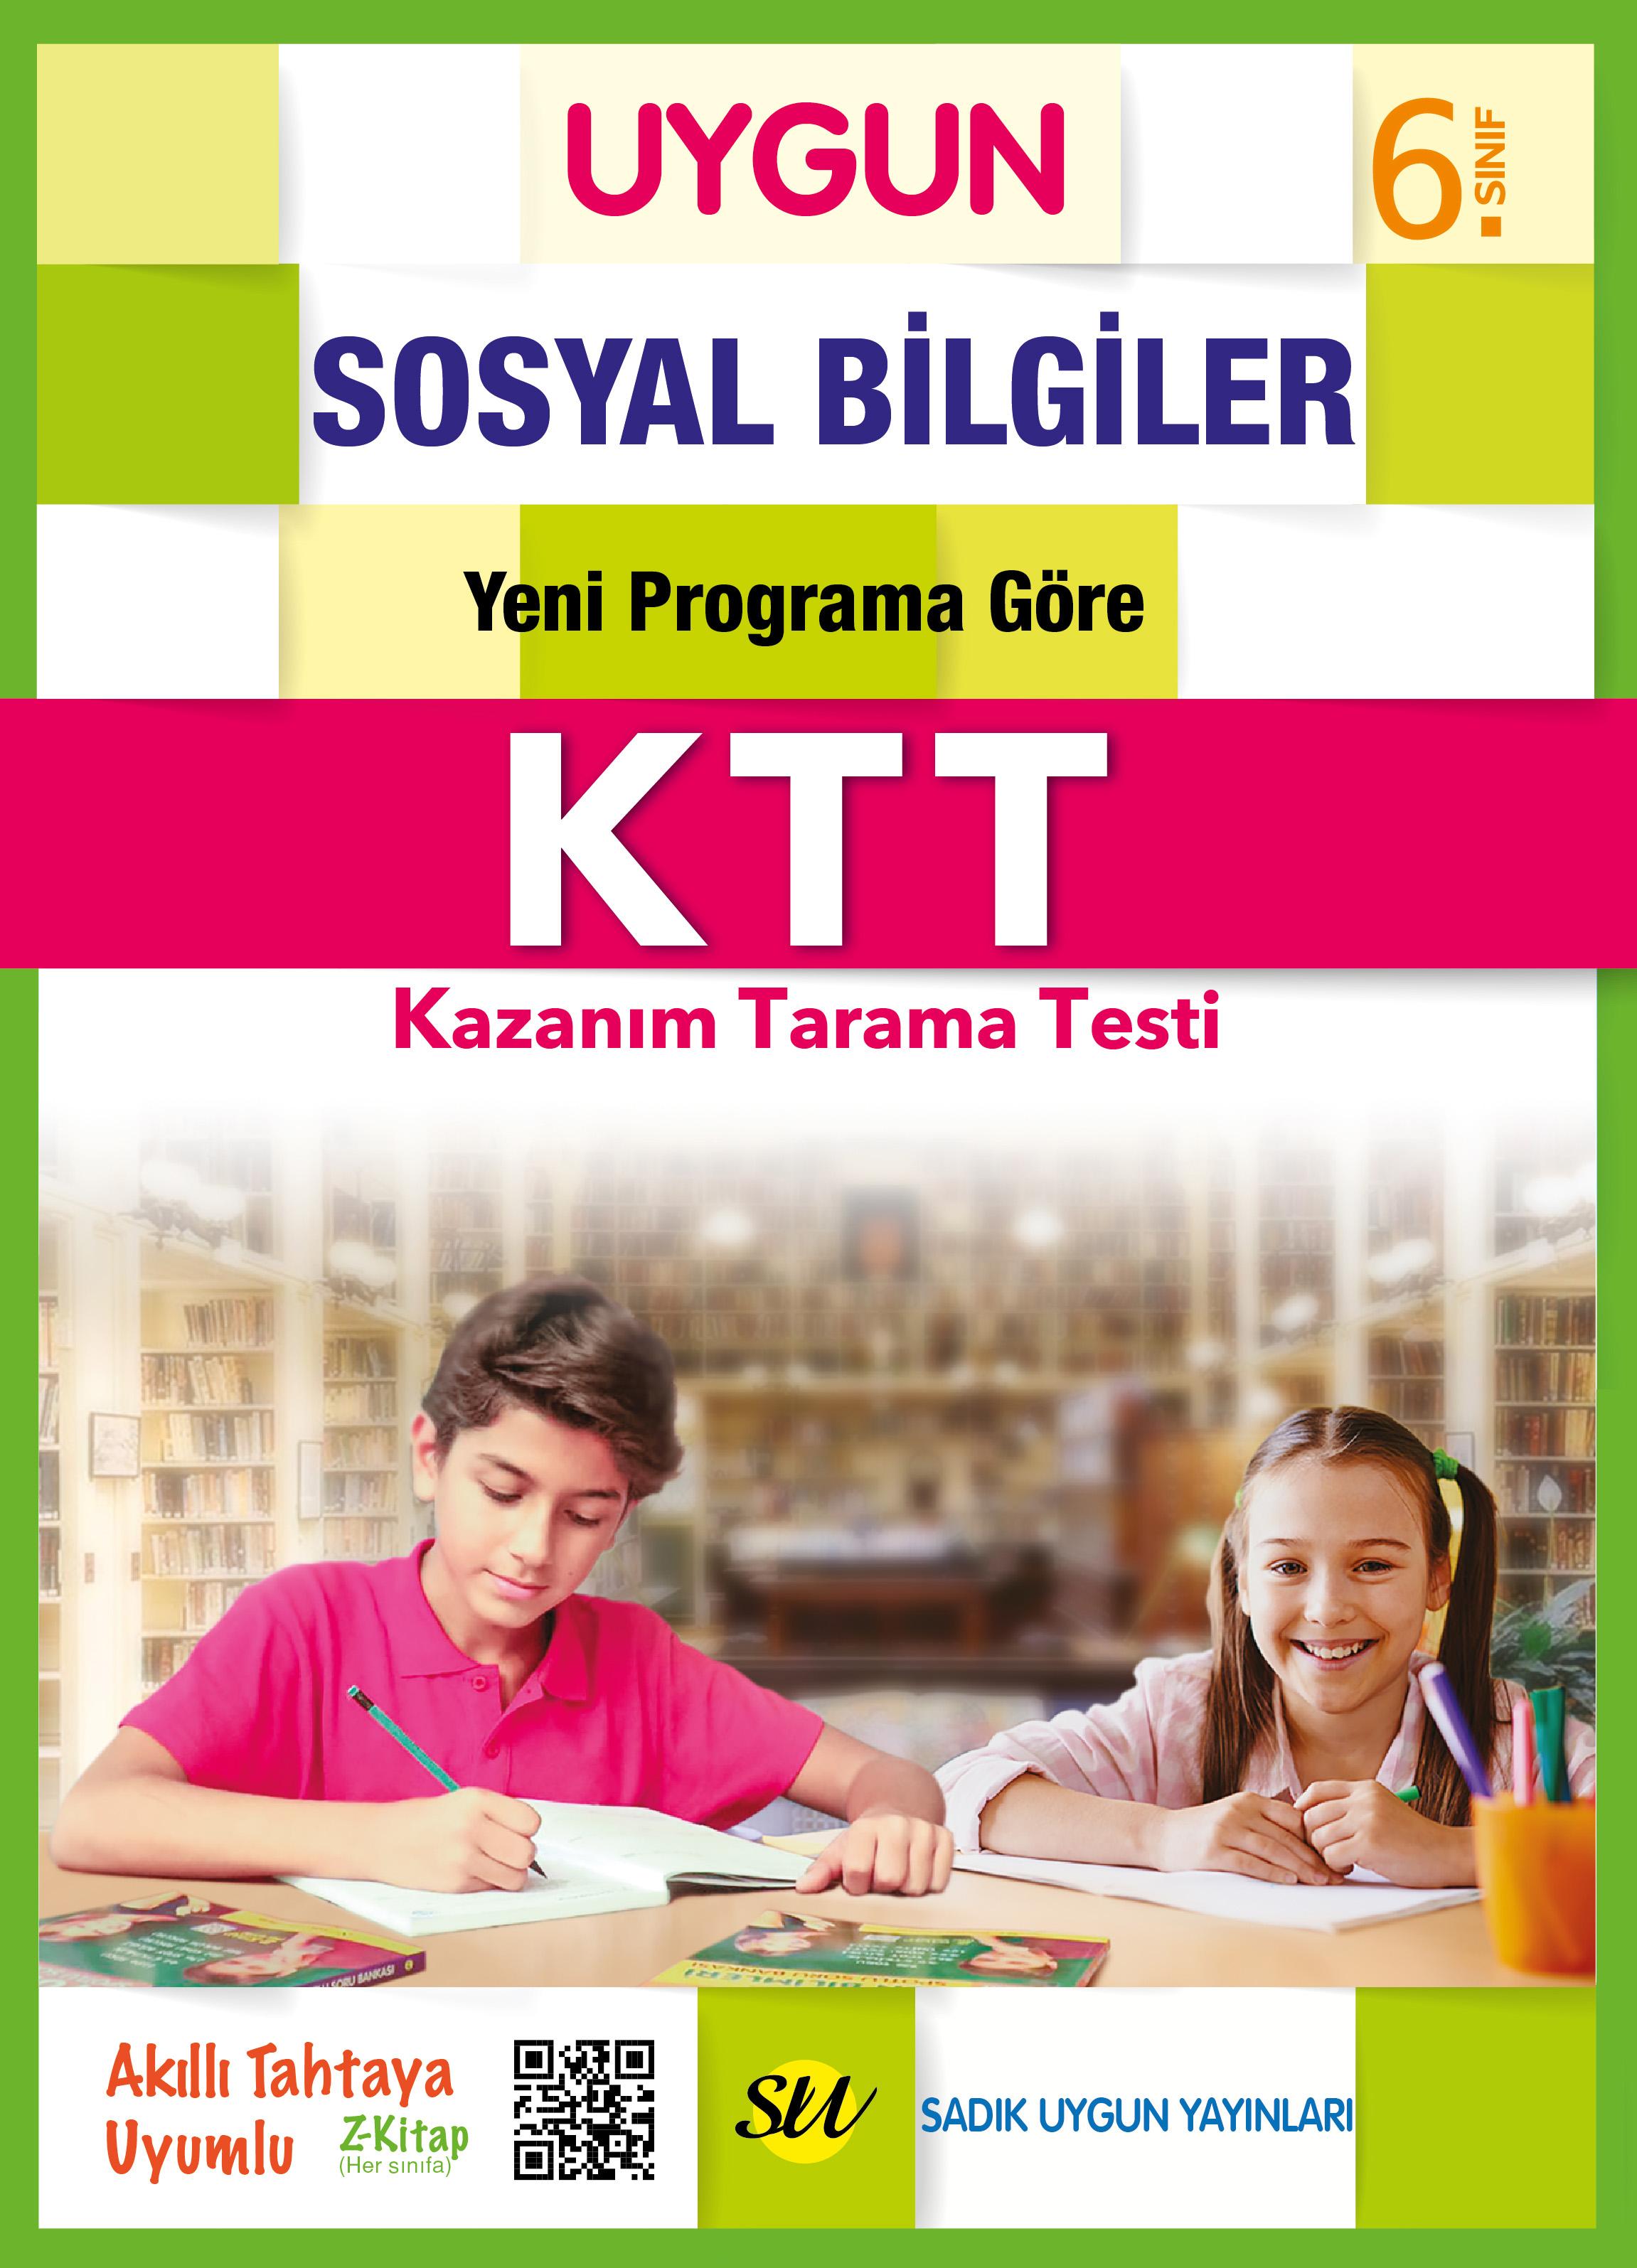 UYGUN – Kazanım Tarama Testi (KTT) – Sosyal Bilgiler 6. Sınıf